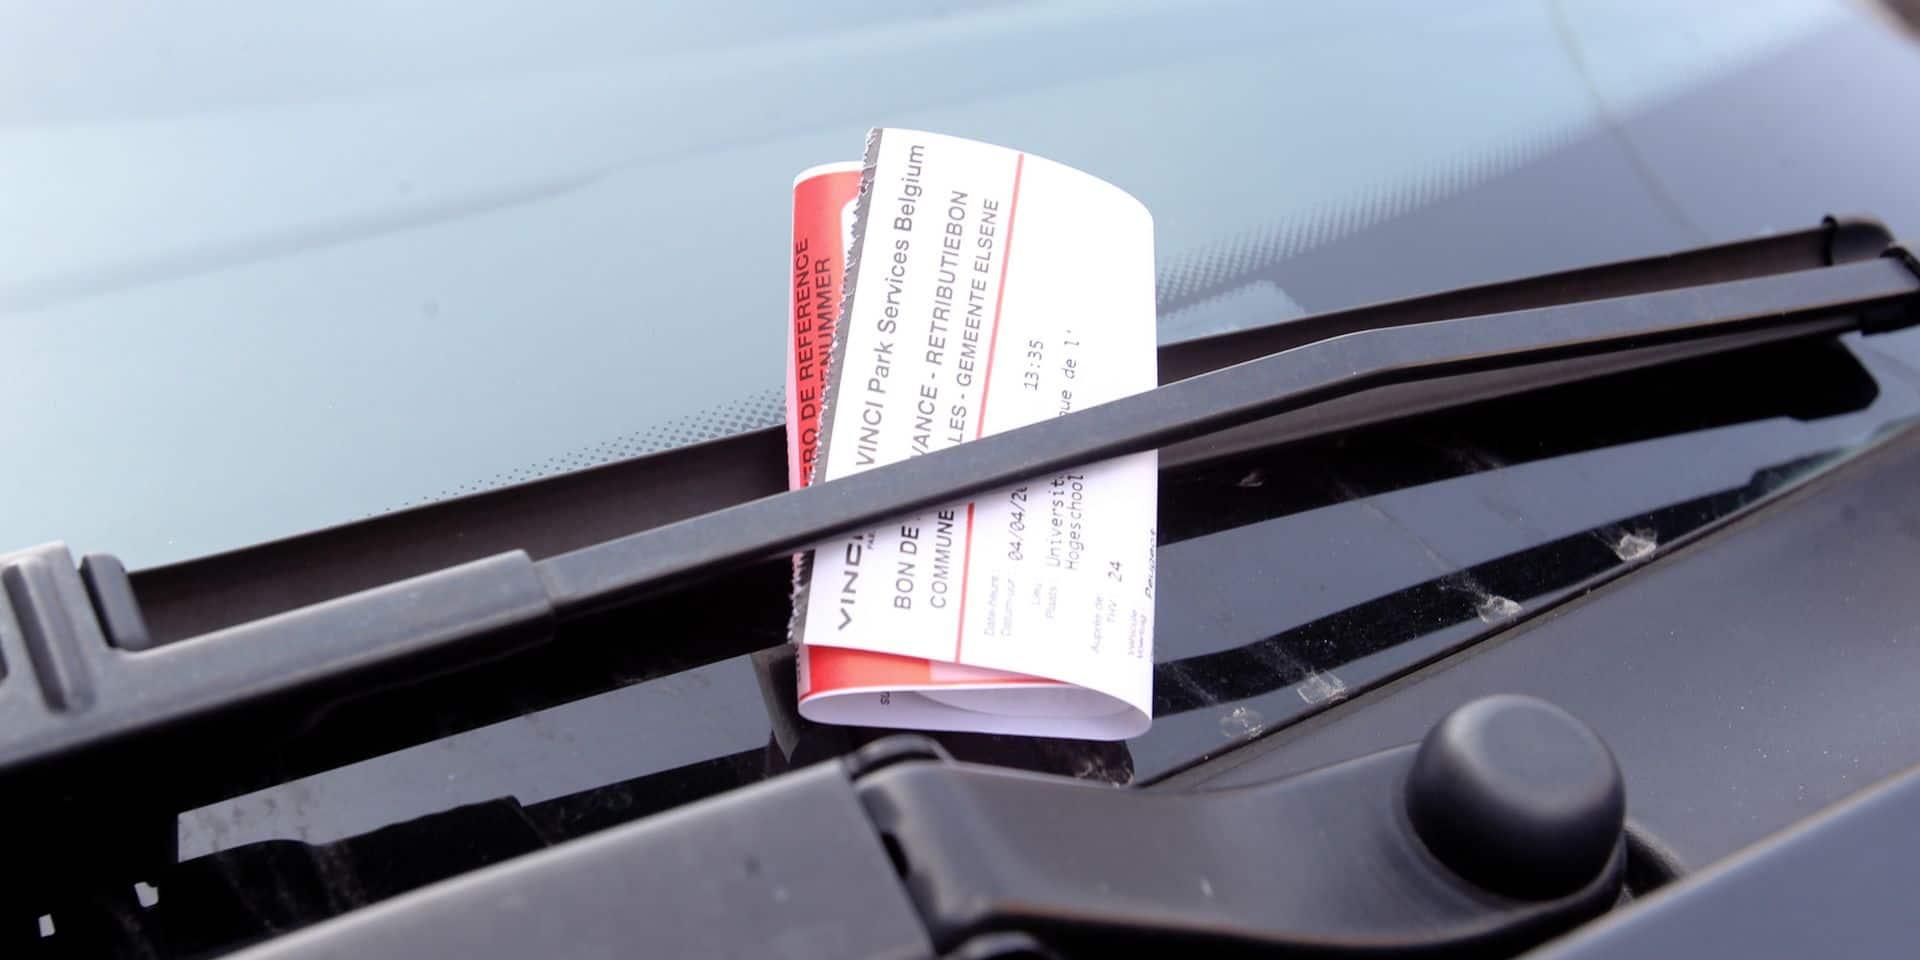 A Wavre, Vanessa a été verbalisée car son ticket de stationnement se trouve sur son pare-brise